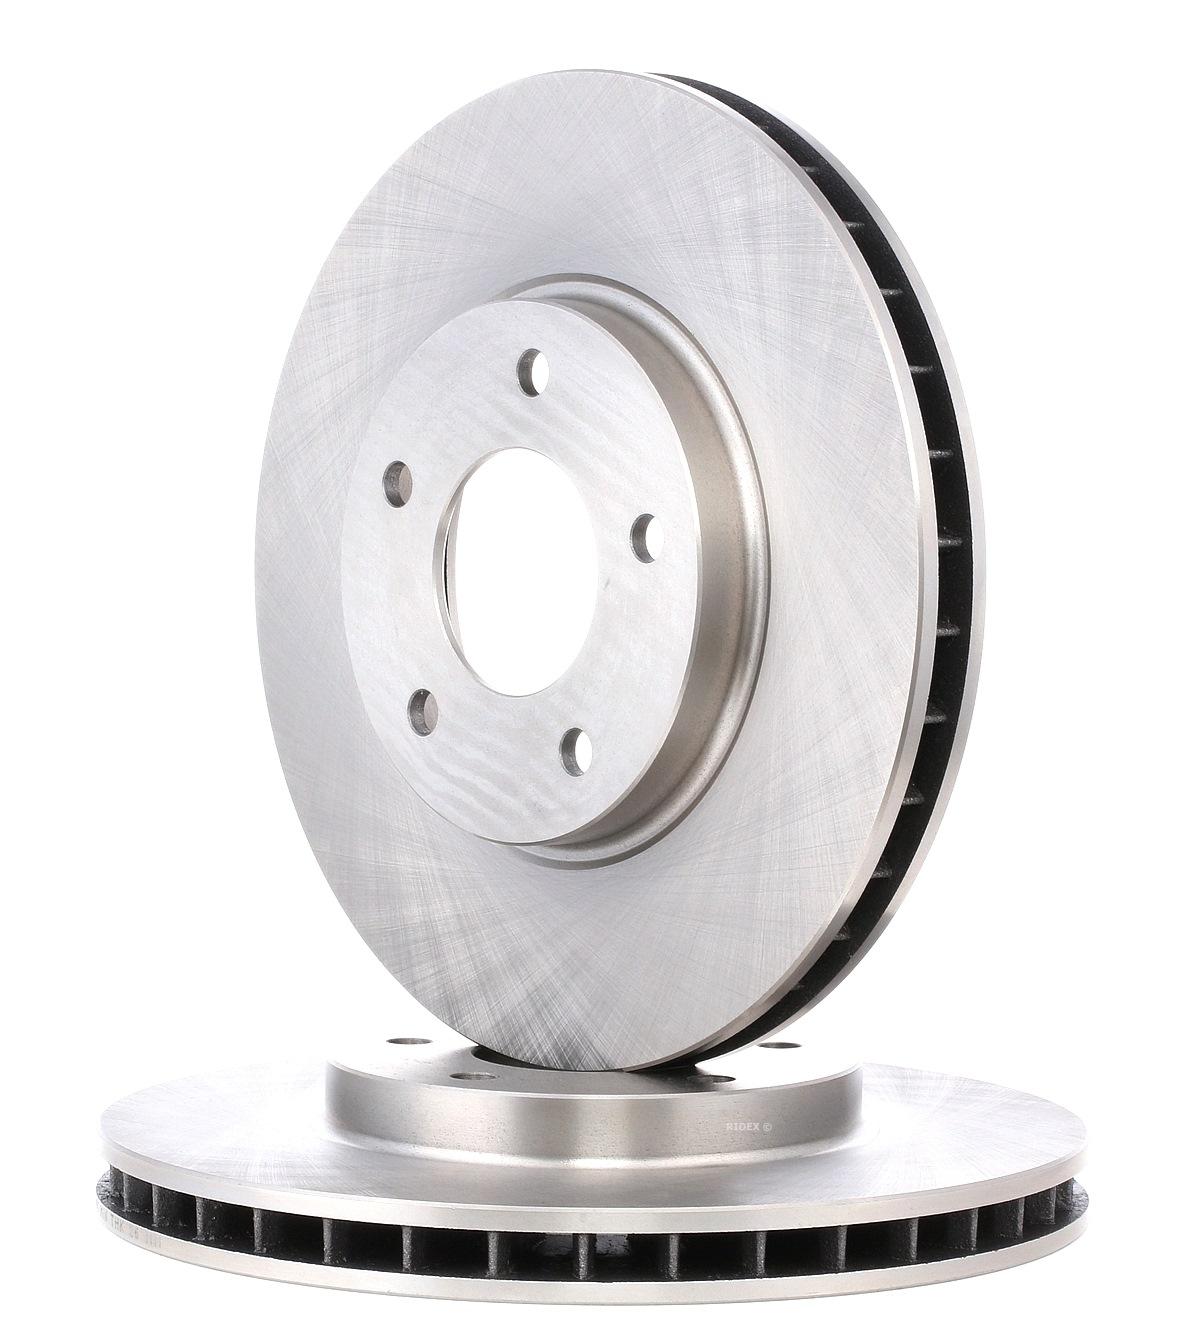 JAGUAR XK 2014 Bremsscheibe - Original RIDEX 82B0891 Ø: 305,0mm, Lochanzahl: 5, Bremsscheibendicke: 28mm